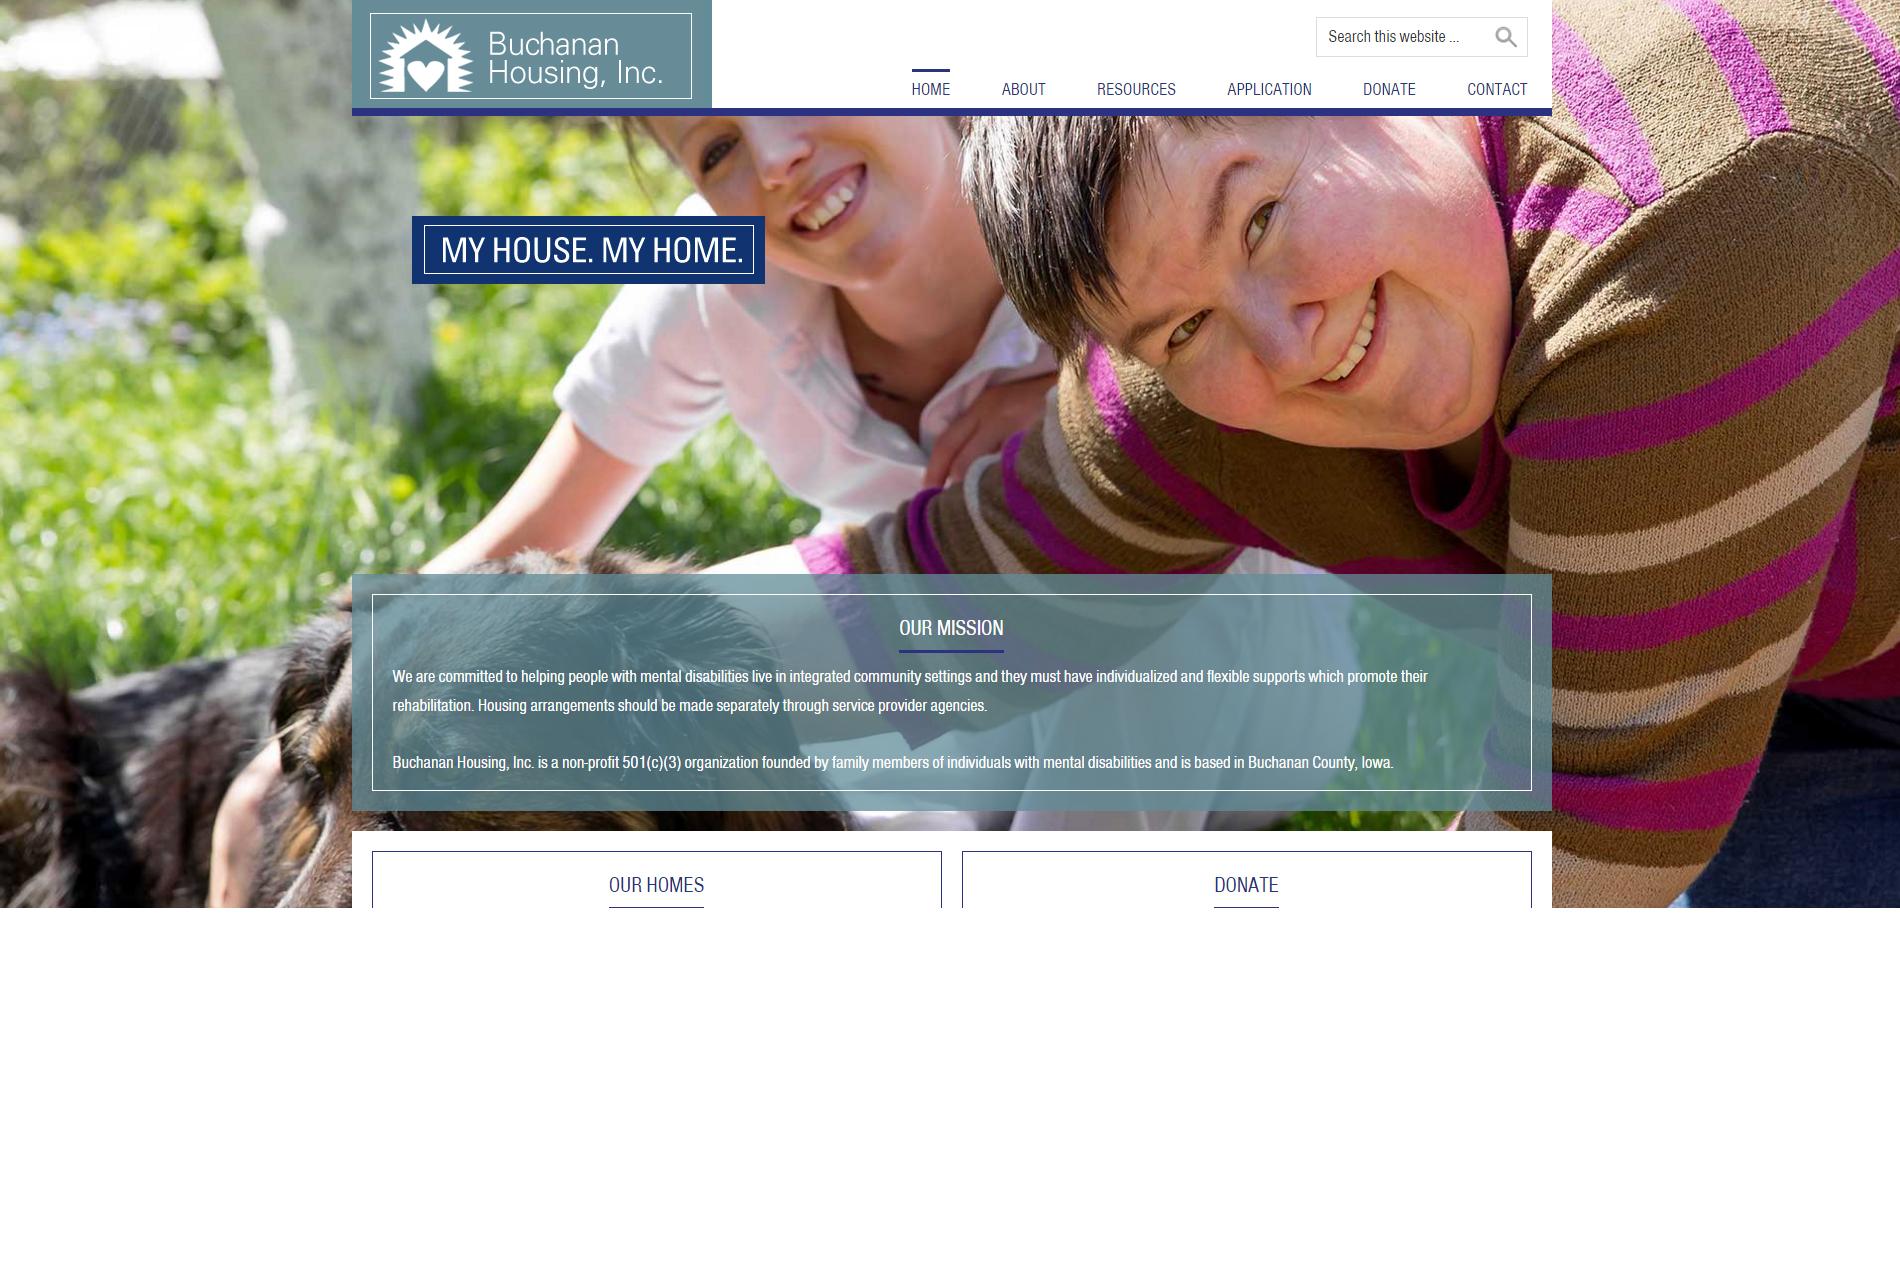 Buchanan Housing, Inc. - Website